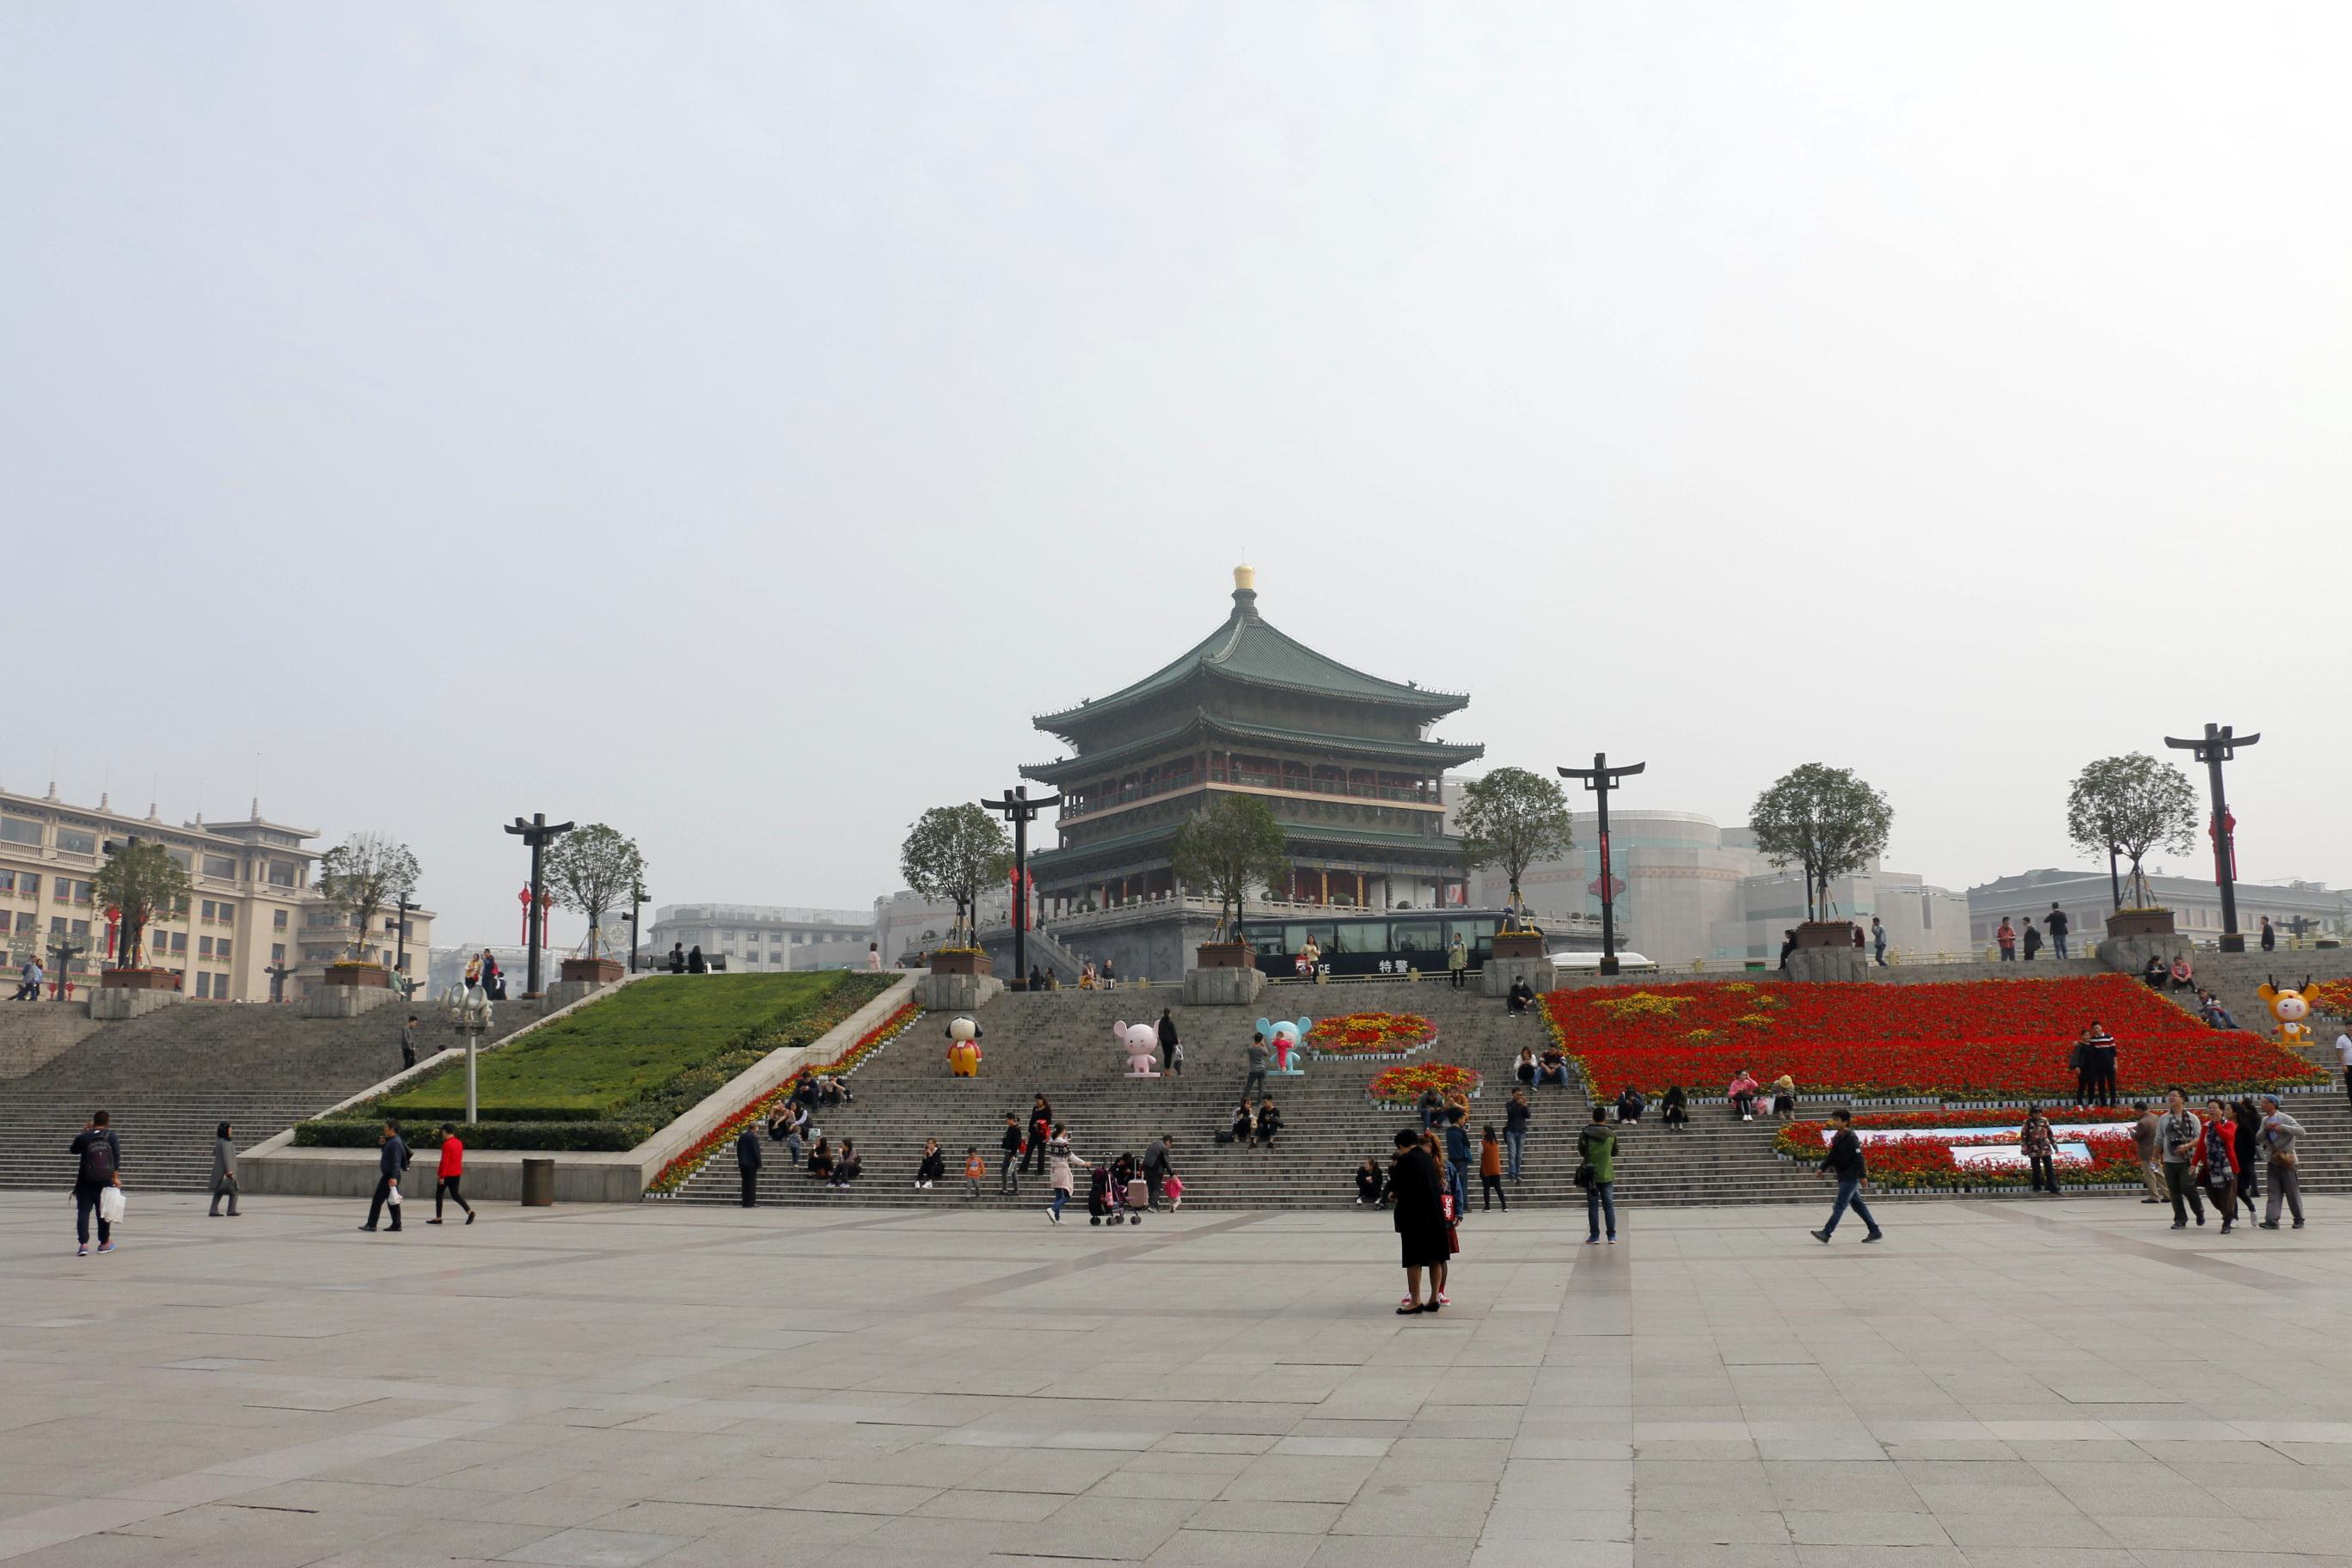 西安钟楼旅游景点攻攻略天问略图图片